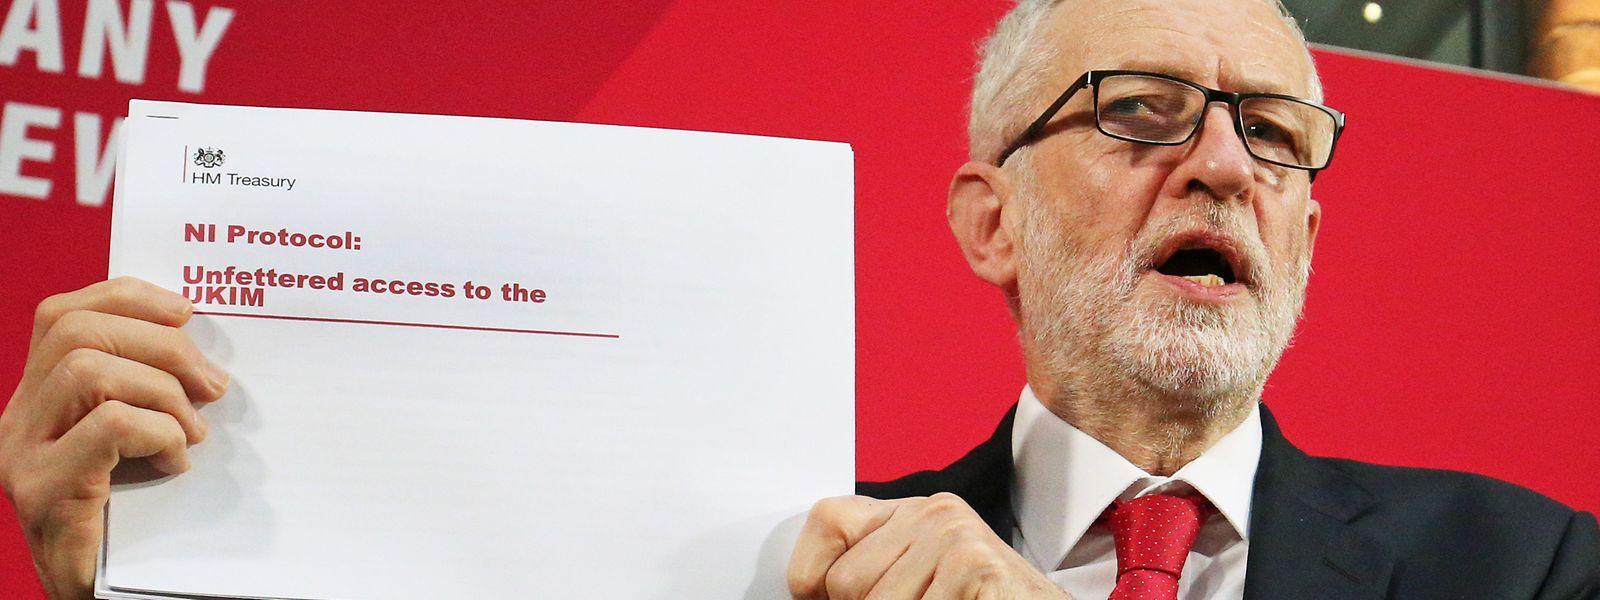 Jeremy Corbyn a dévoilé devant la presse «un rapport de 15 pages sur les mensonges que Boris Johnson essaie de propager».